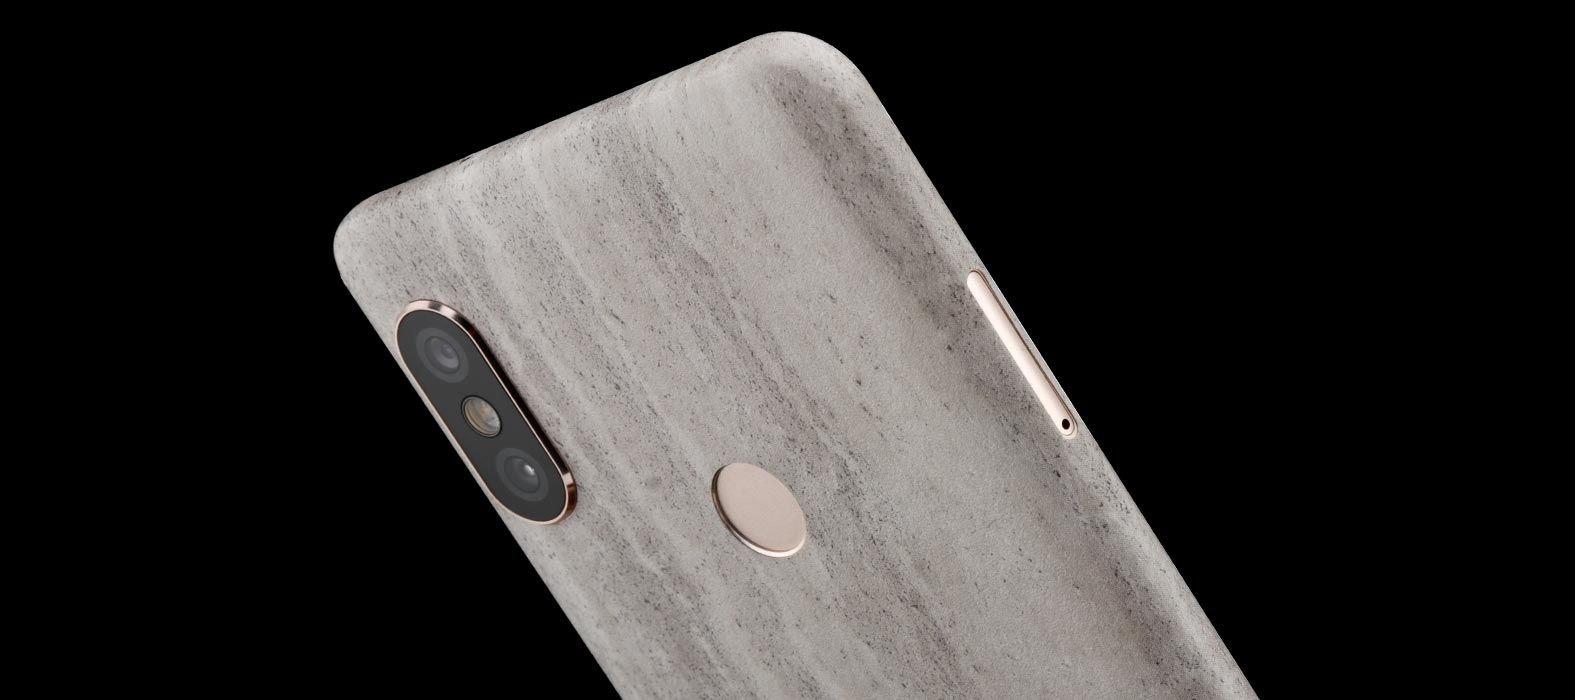 Redmi-Note-6-Pro-Concrete